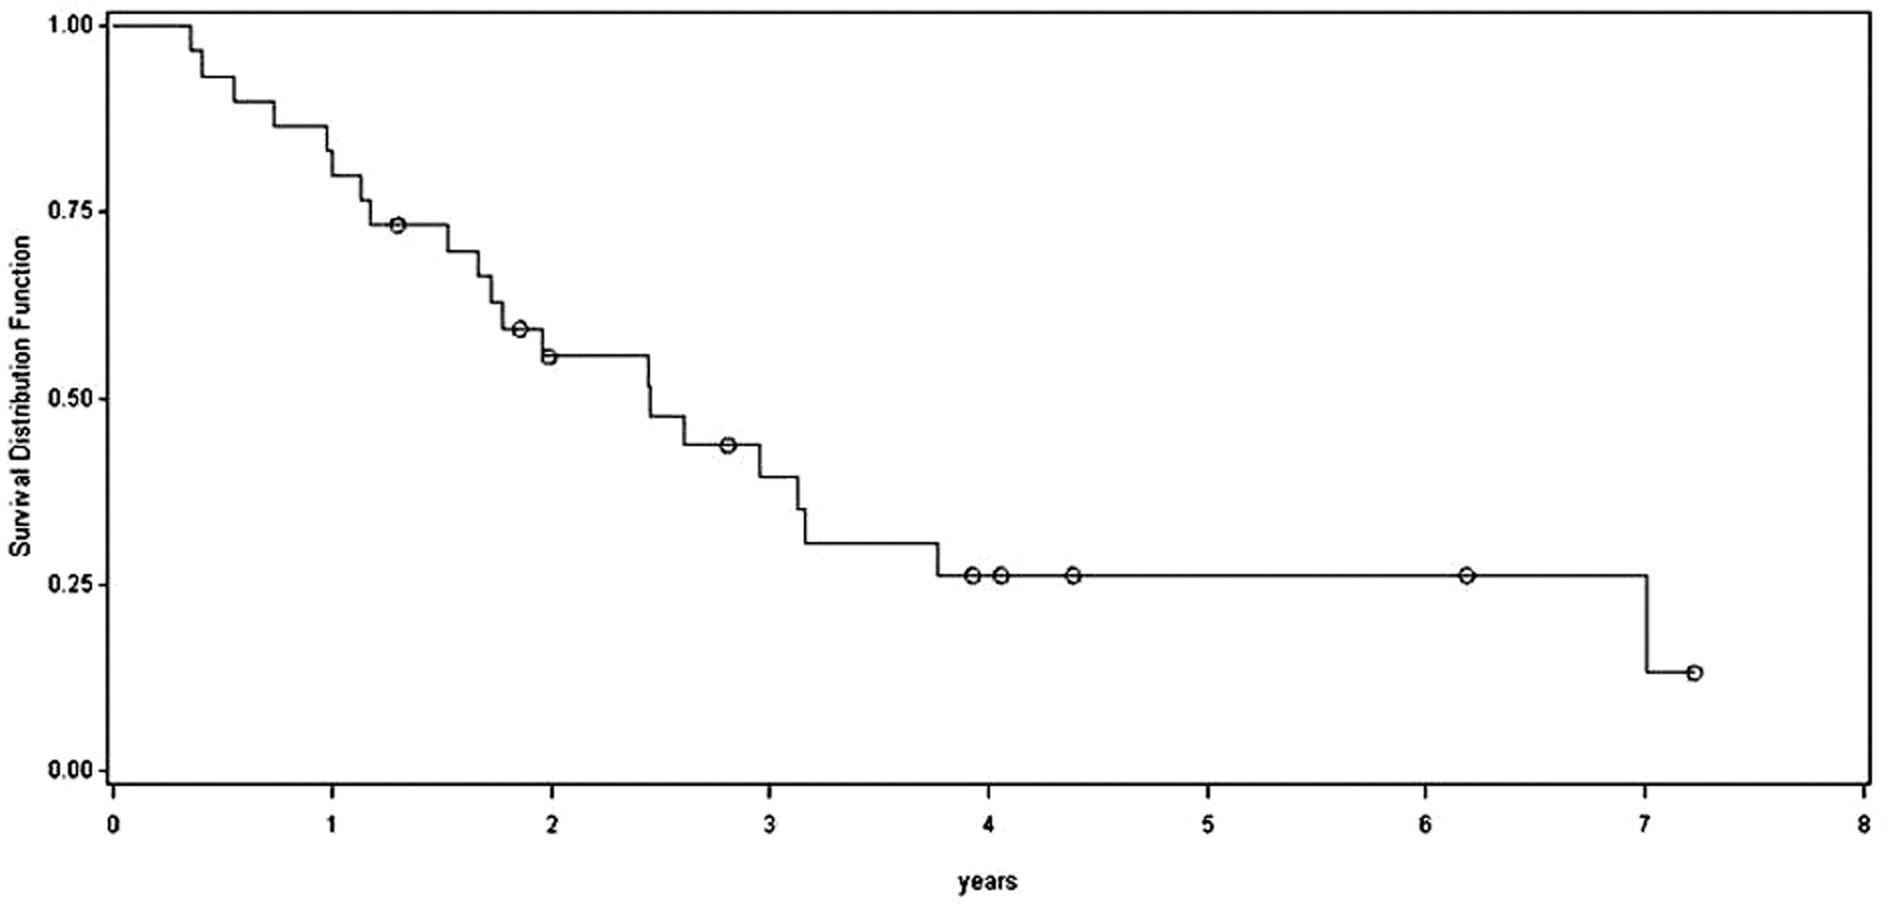 Bezpříznakové přežívání nemocných po jaterním výkonu Graph 4: Disease free survival after the liver surgery